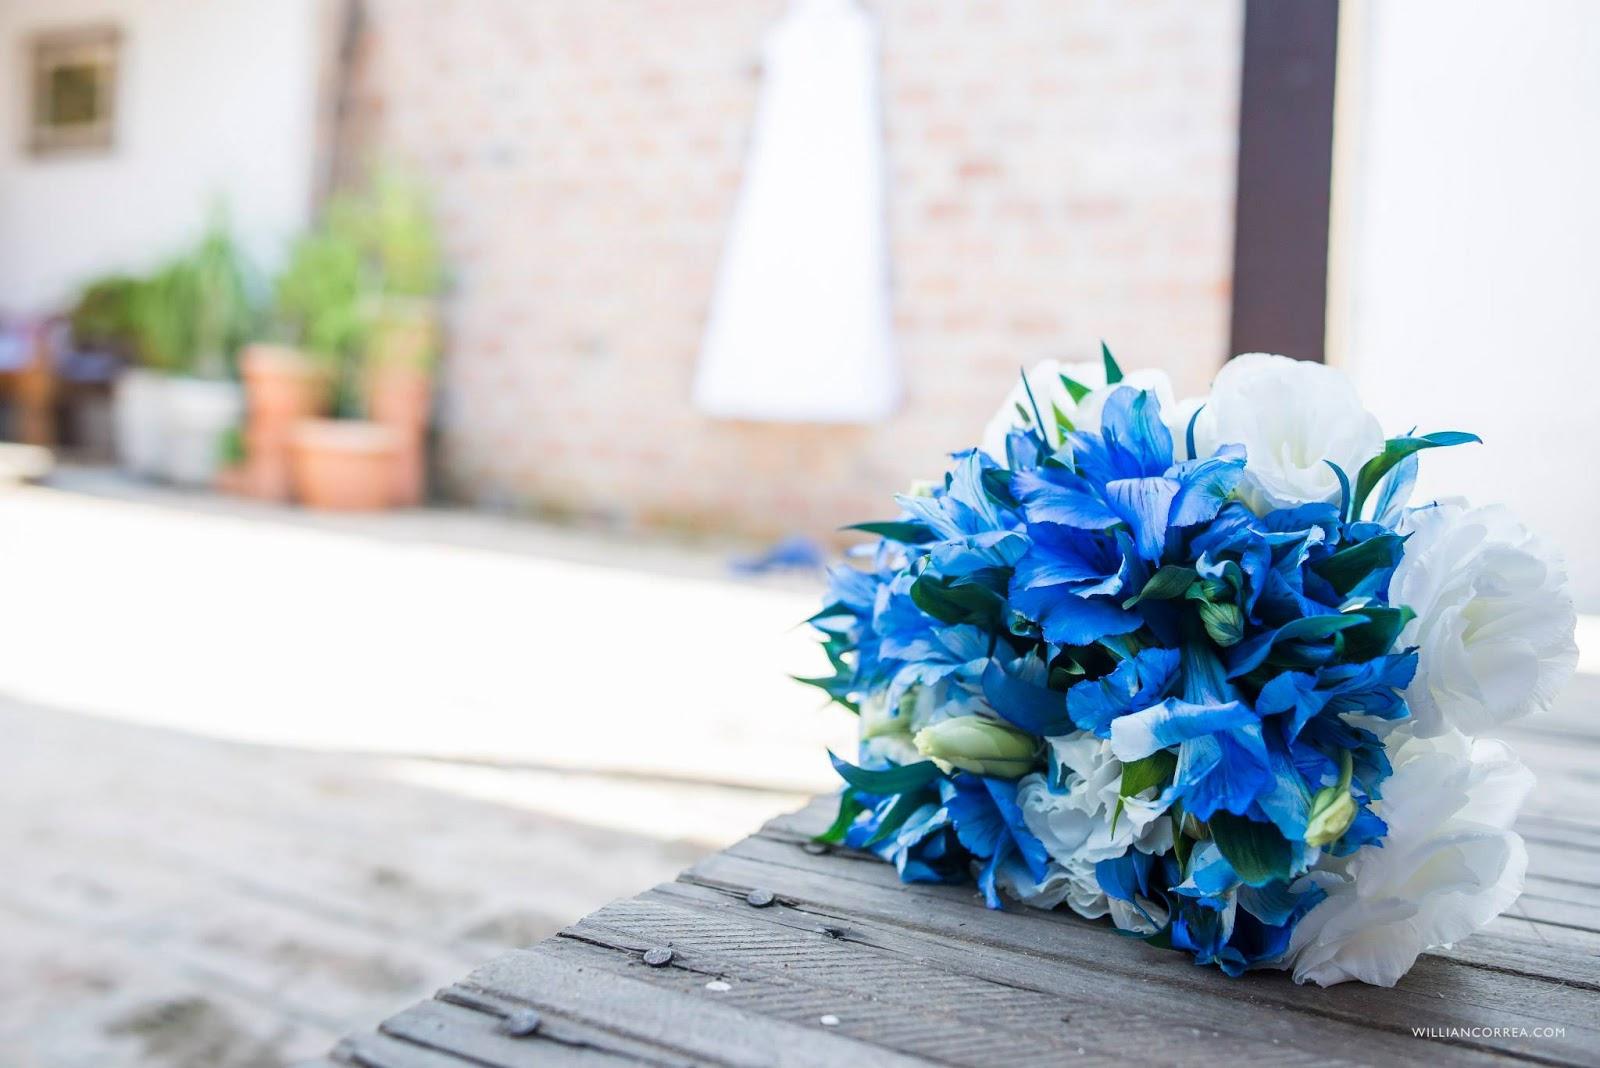 De casinha nova: Desafio Papo de Blogueiras Azul #136BB8 1600x1068 Banheiro Azul Banda